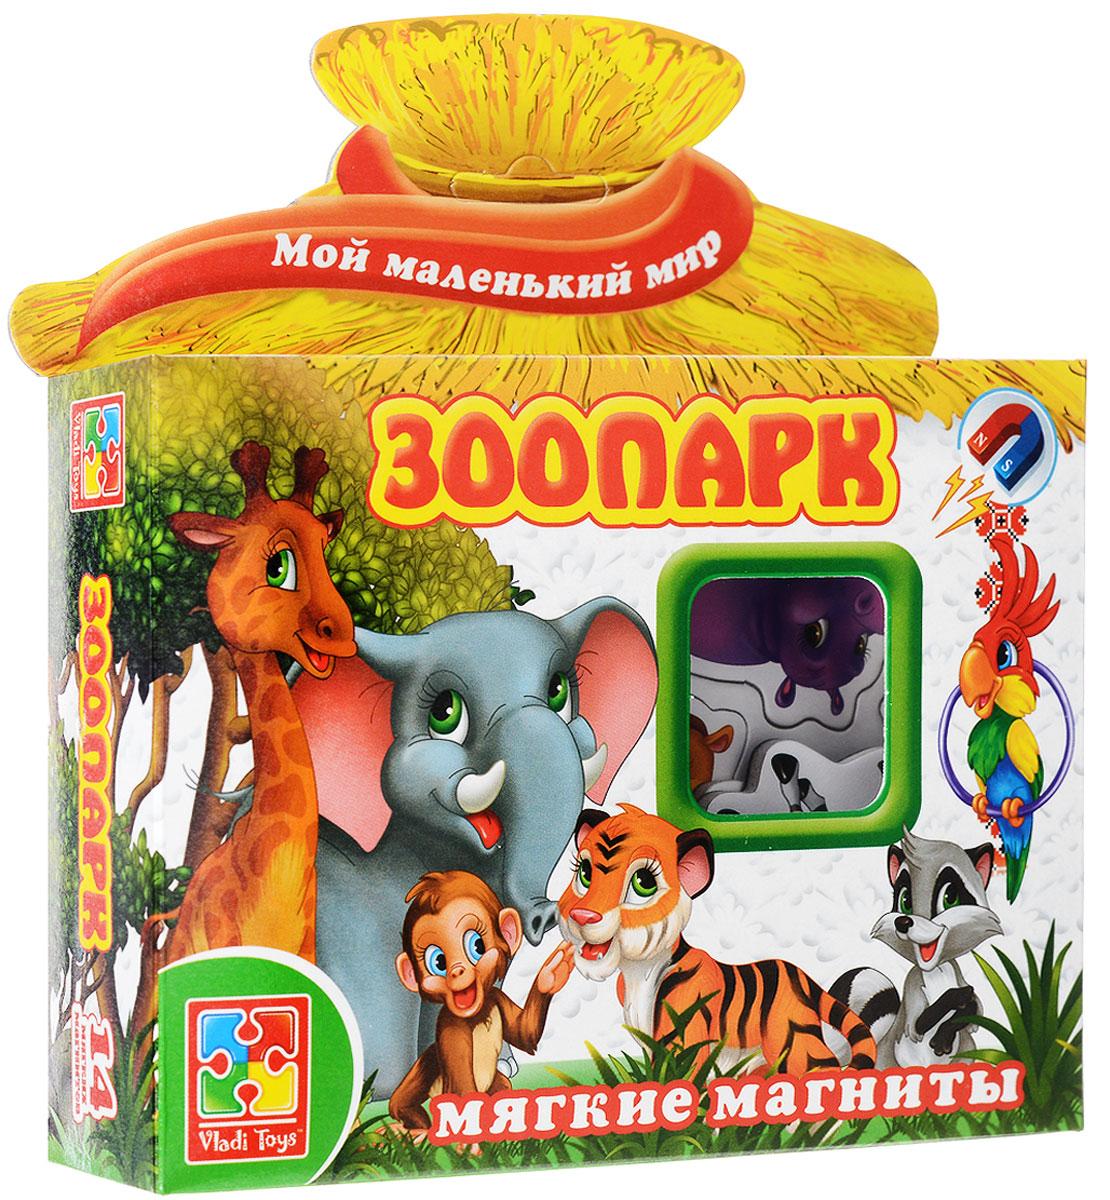 Vladi Toys Развивающая игра ЗоопаркVT3101-05С развивающей магнитной игрой Vladi Toys Зоопарк ваш малыш расширит свои познания об окружающем его мире, увеличит свой словарный запас, сможет весело и познавательно проводить время. Игра познакомит малыша с различными животными. С фигурными магнитиками можно играть на специальном магнитном планшете или просто на любой ровной металлической поверхности. В рекомендациях предлагается несколько вариантов игр. Обучающая игра на магнитах Vladi Toys научит ребенка соотносить название объекта с его изображением. В наборе 14 мягких магнитов толщиной 3 мм.